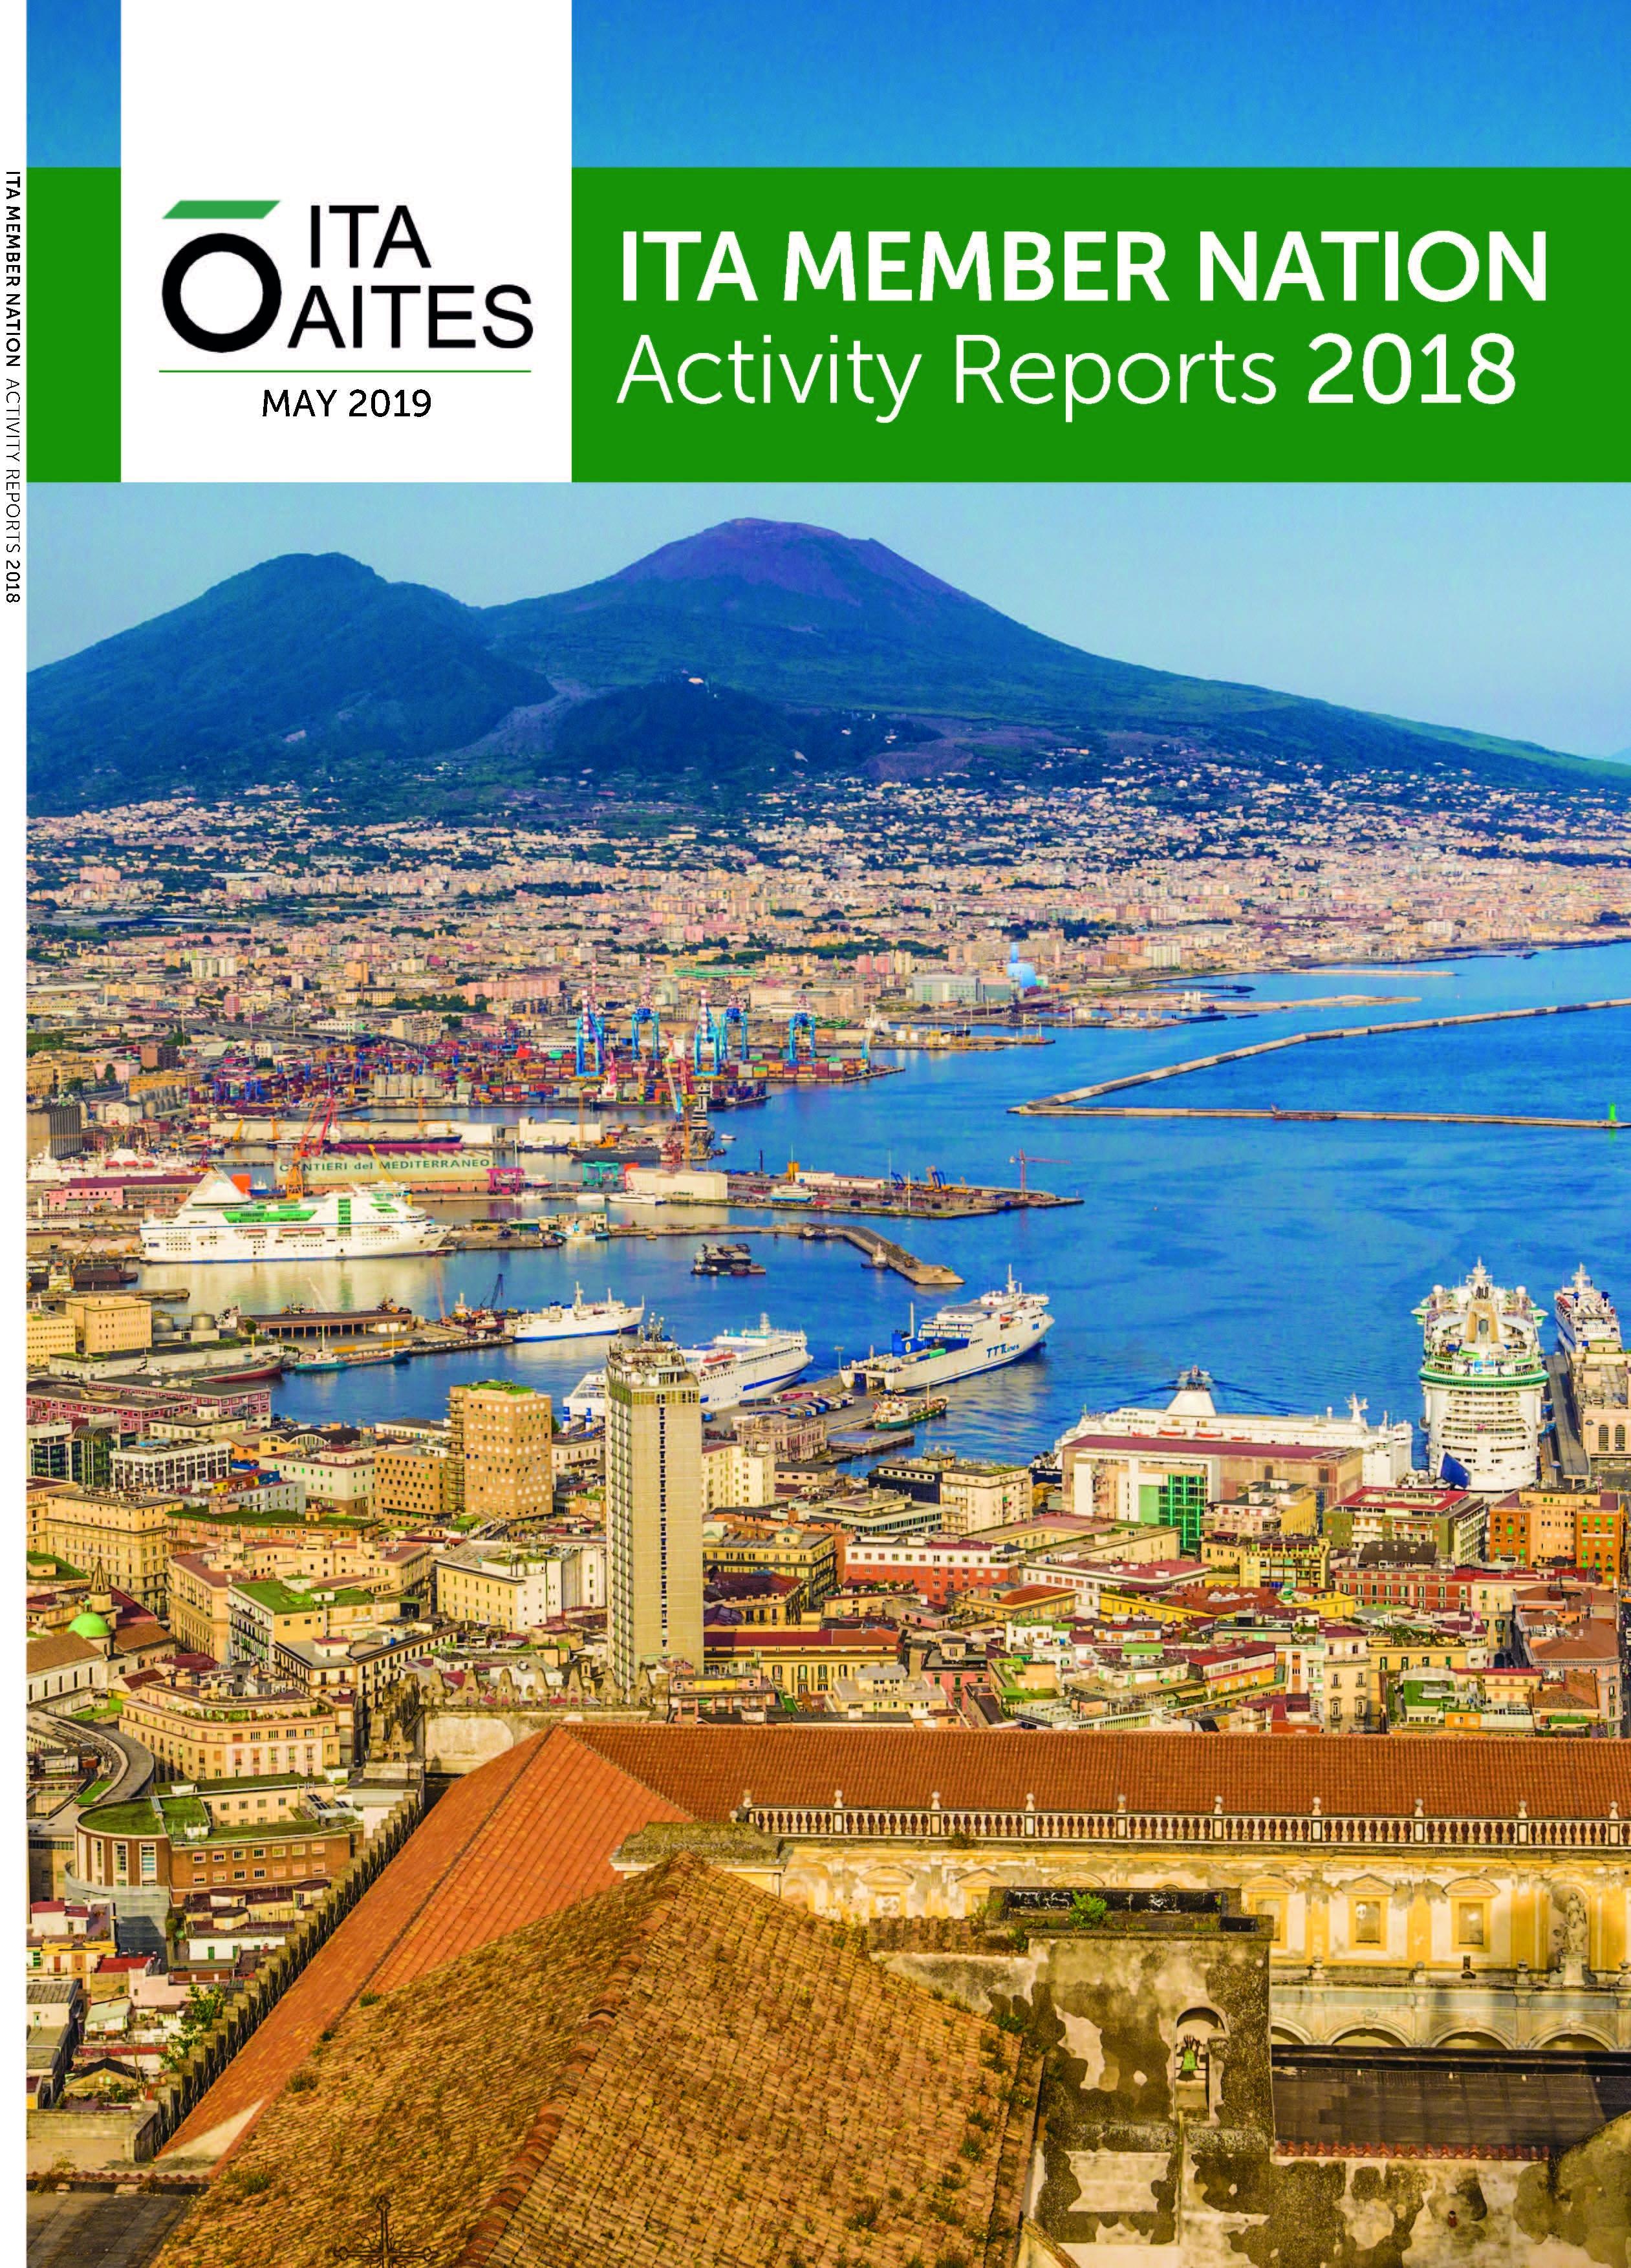 ITA Member Nations report 2018